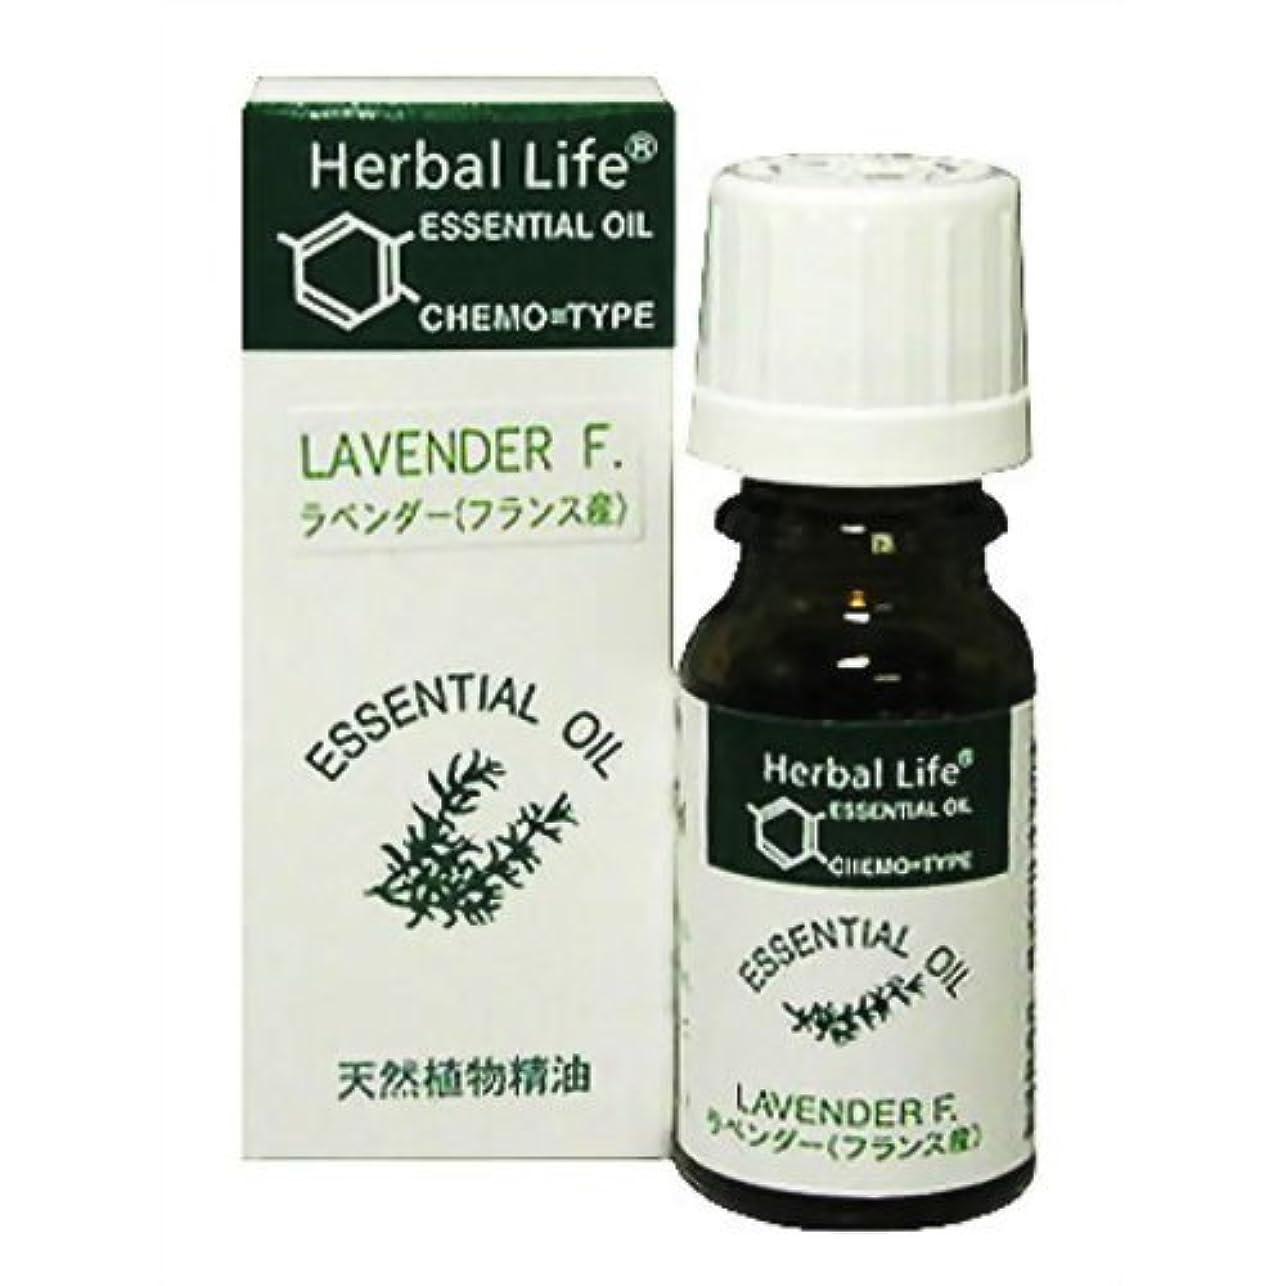 バスルーム革新微視的Herbal Life ラベンダー 10ml